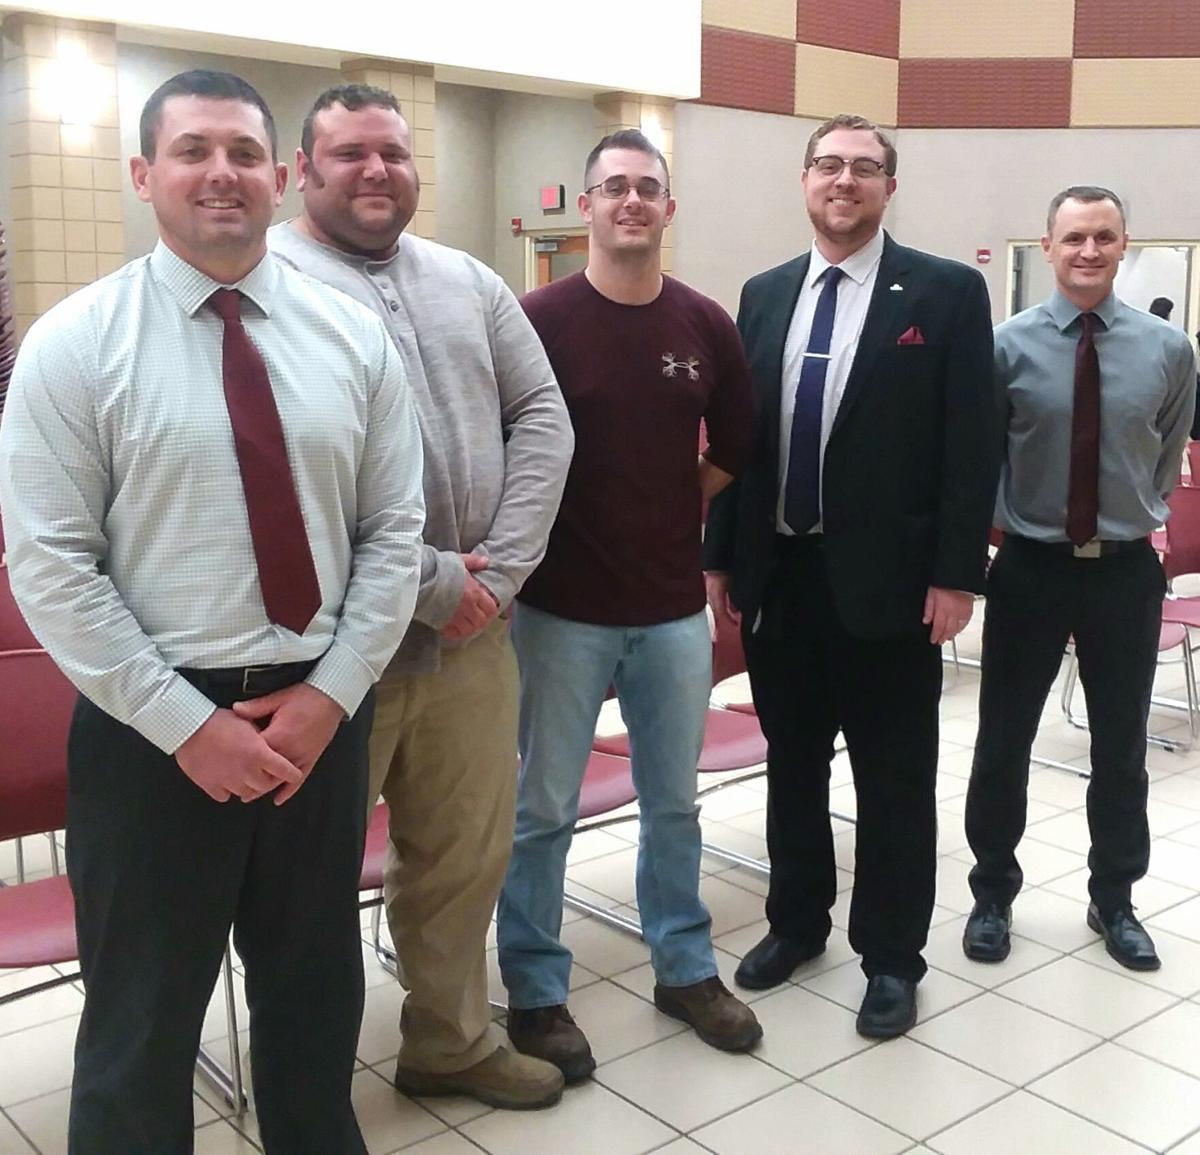 New Vikings coaching staff